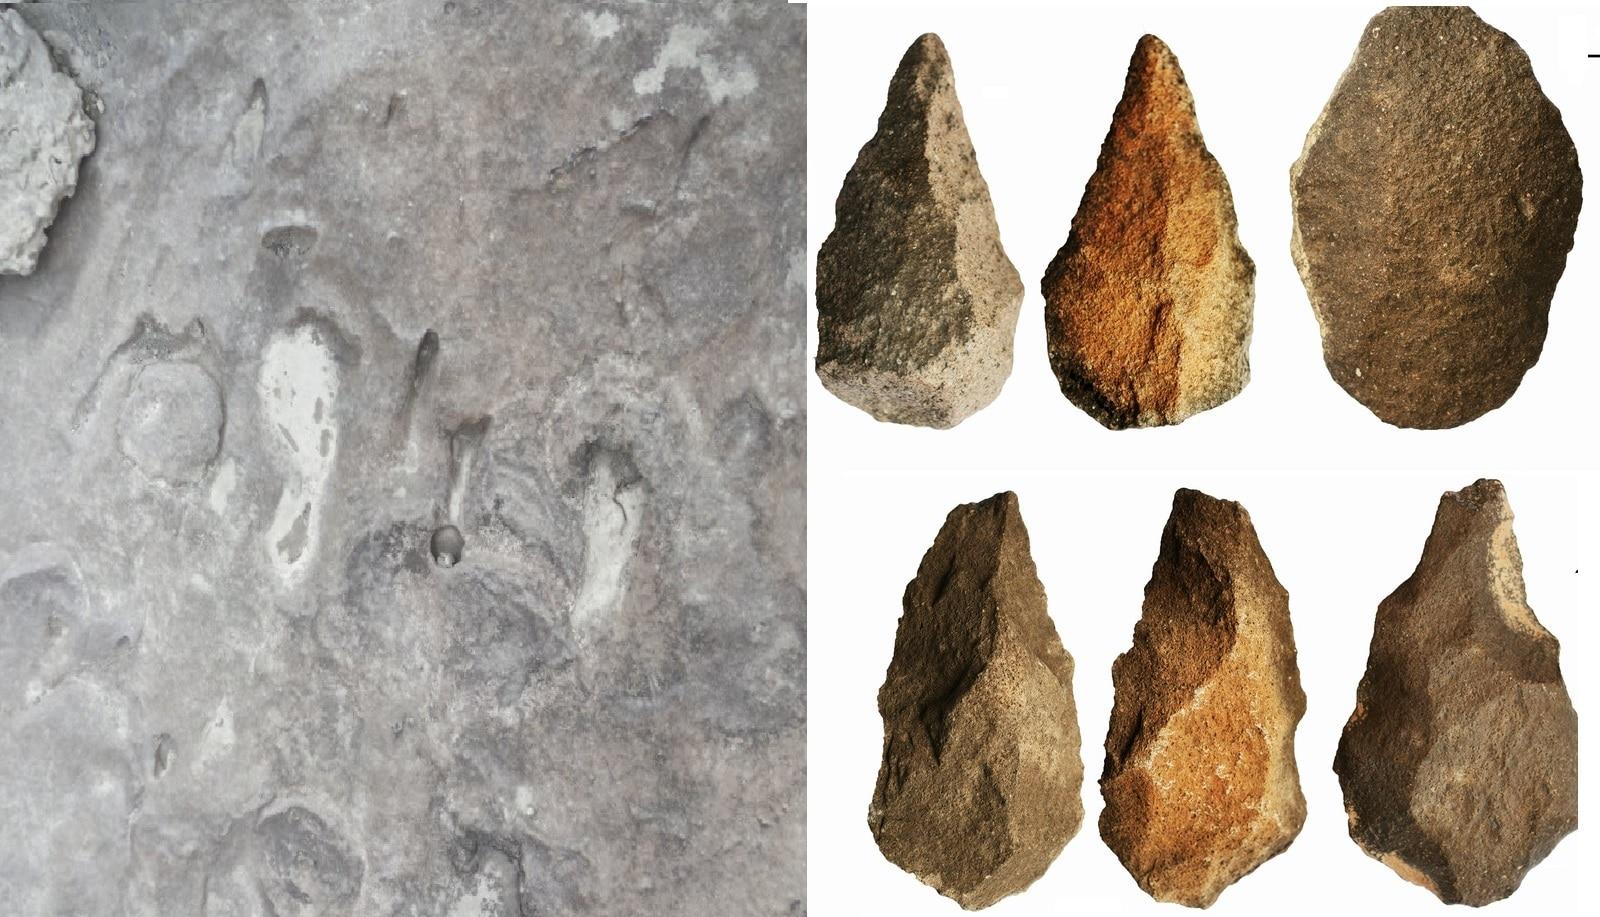 दख्खनच्या परिसरात आदिमानवांच्या पाऊलखुणा, 3 ते 4 लाख वर्षांपूर्वीची आढळली हत्यारं